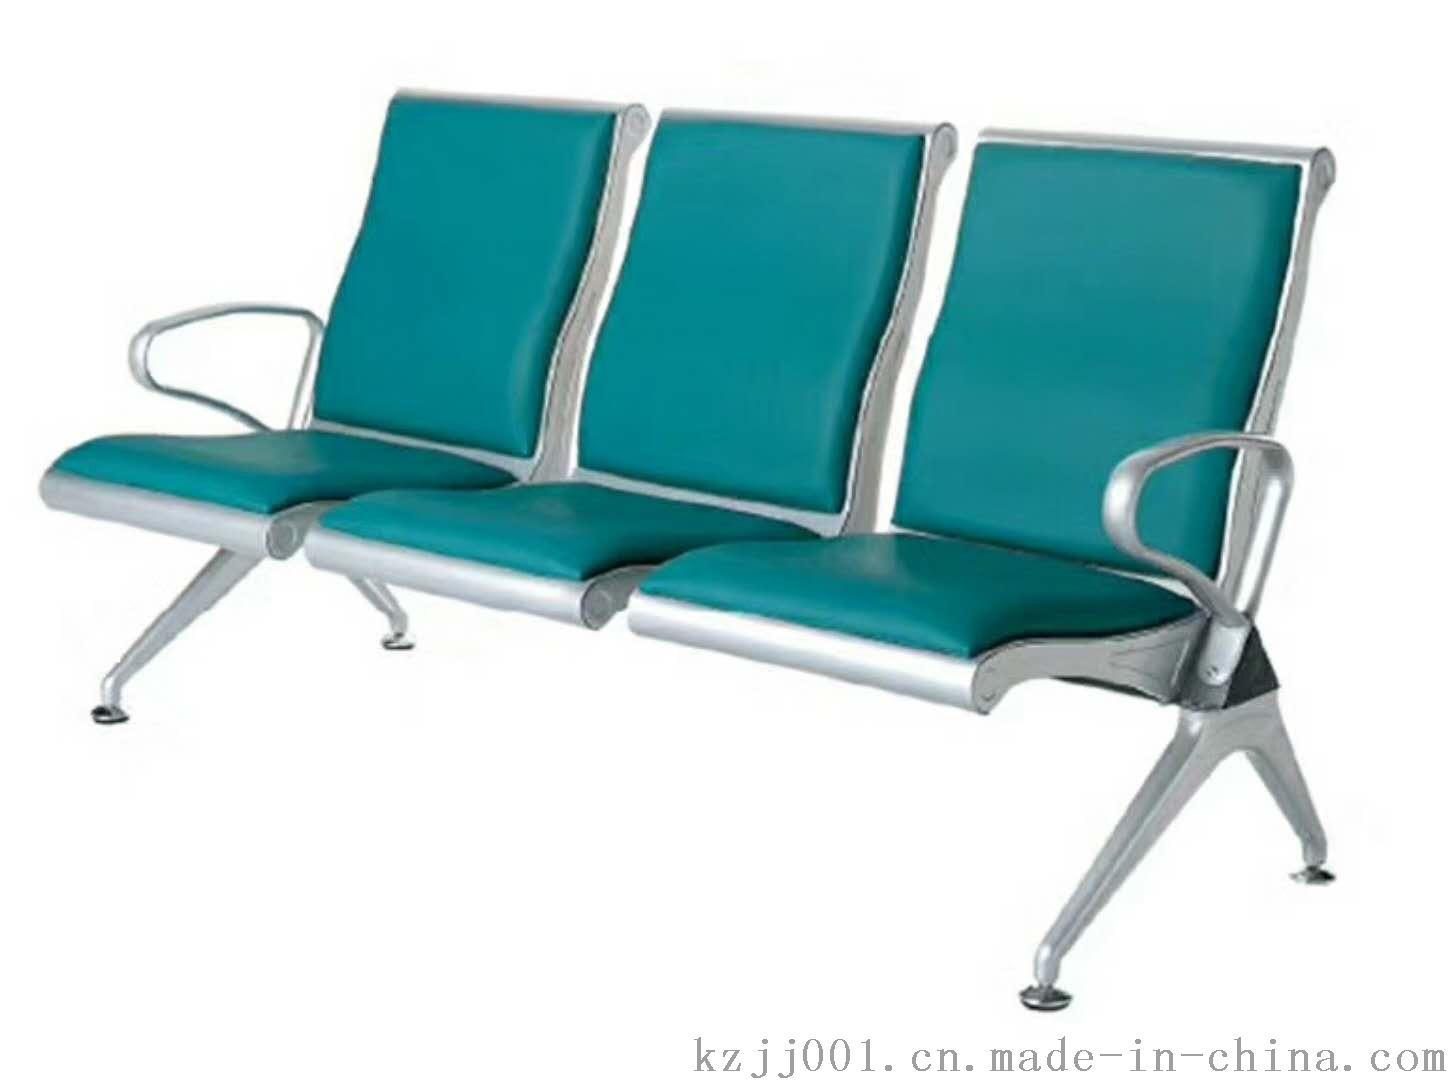 佛山医用金属不锈钢公共座椅厂家(三人位连排椅)776511625